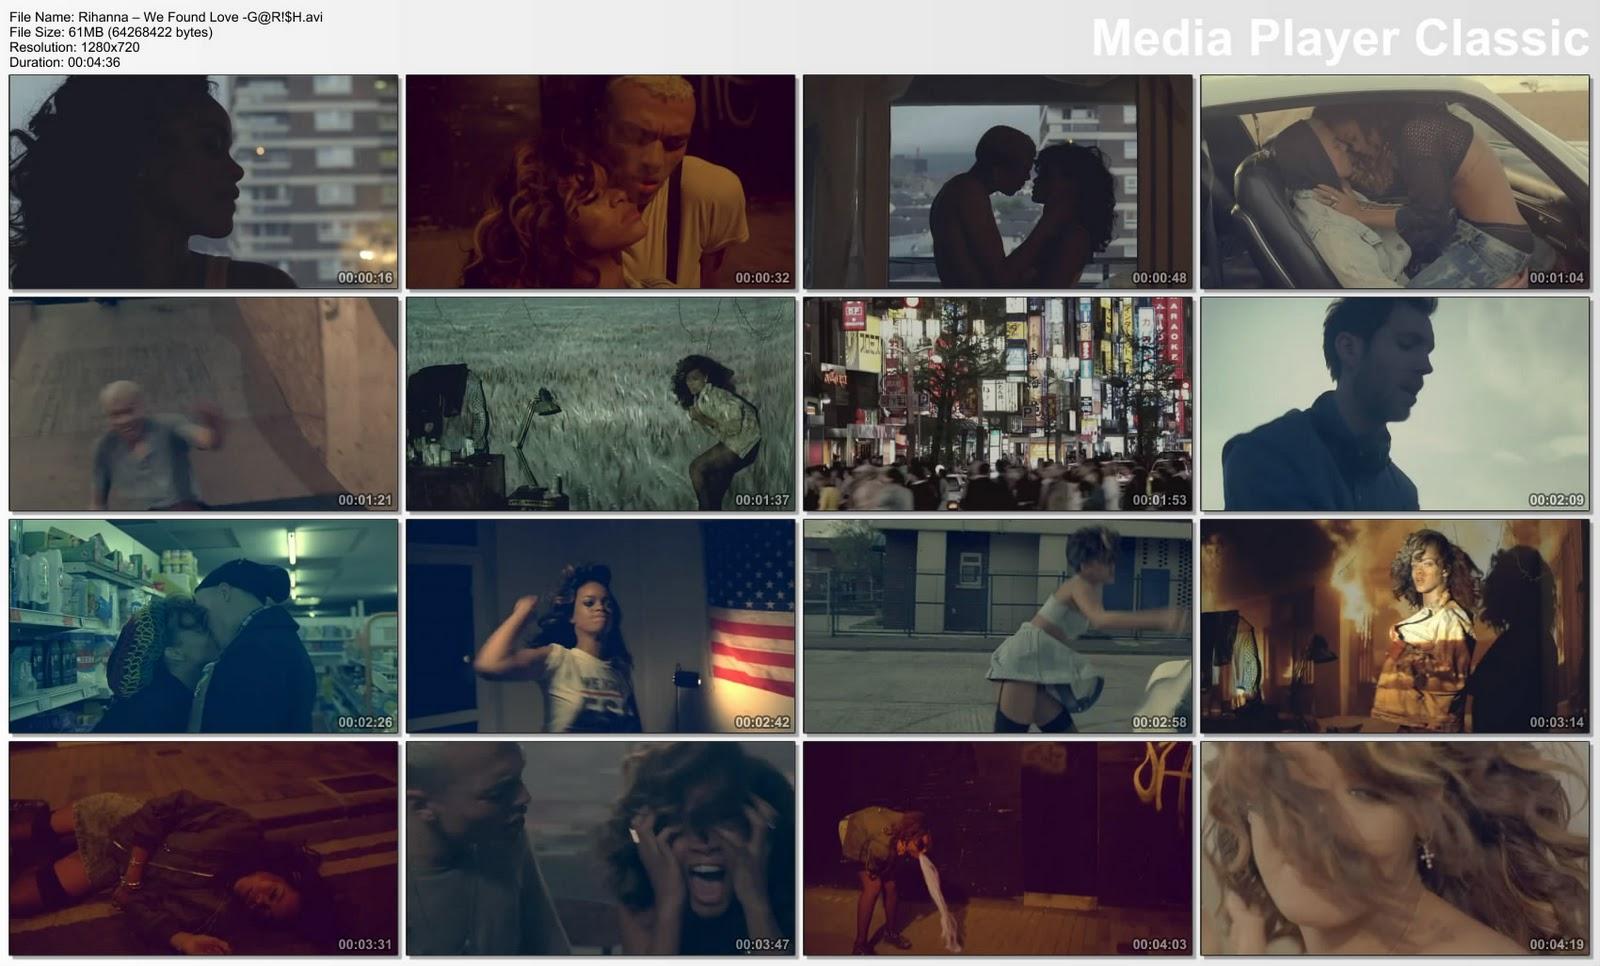 http://2.bp.blogspot.com/-bbAxecl7Sas/Tp8kD1smM4I/AAAAAAAAAhs/QDduwOYPoQY/s1600/Rihanna+%25E2%2580%2593+We+Found+Love+-G%2540R%2521%2524H.avi_thumbs_%255B2011.10.20_00.51.54%255D.jpg